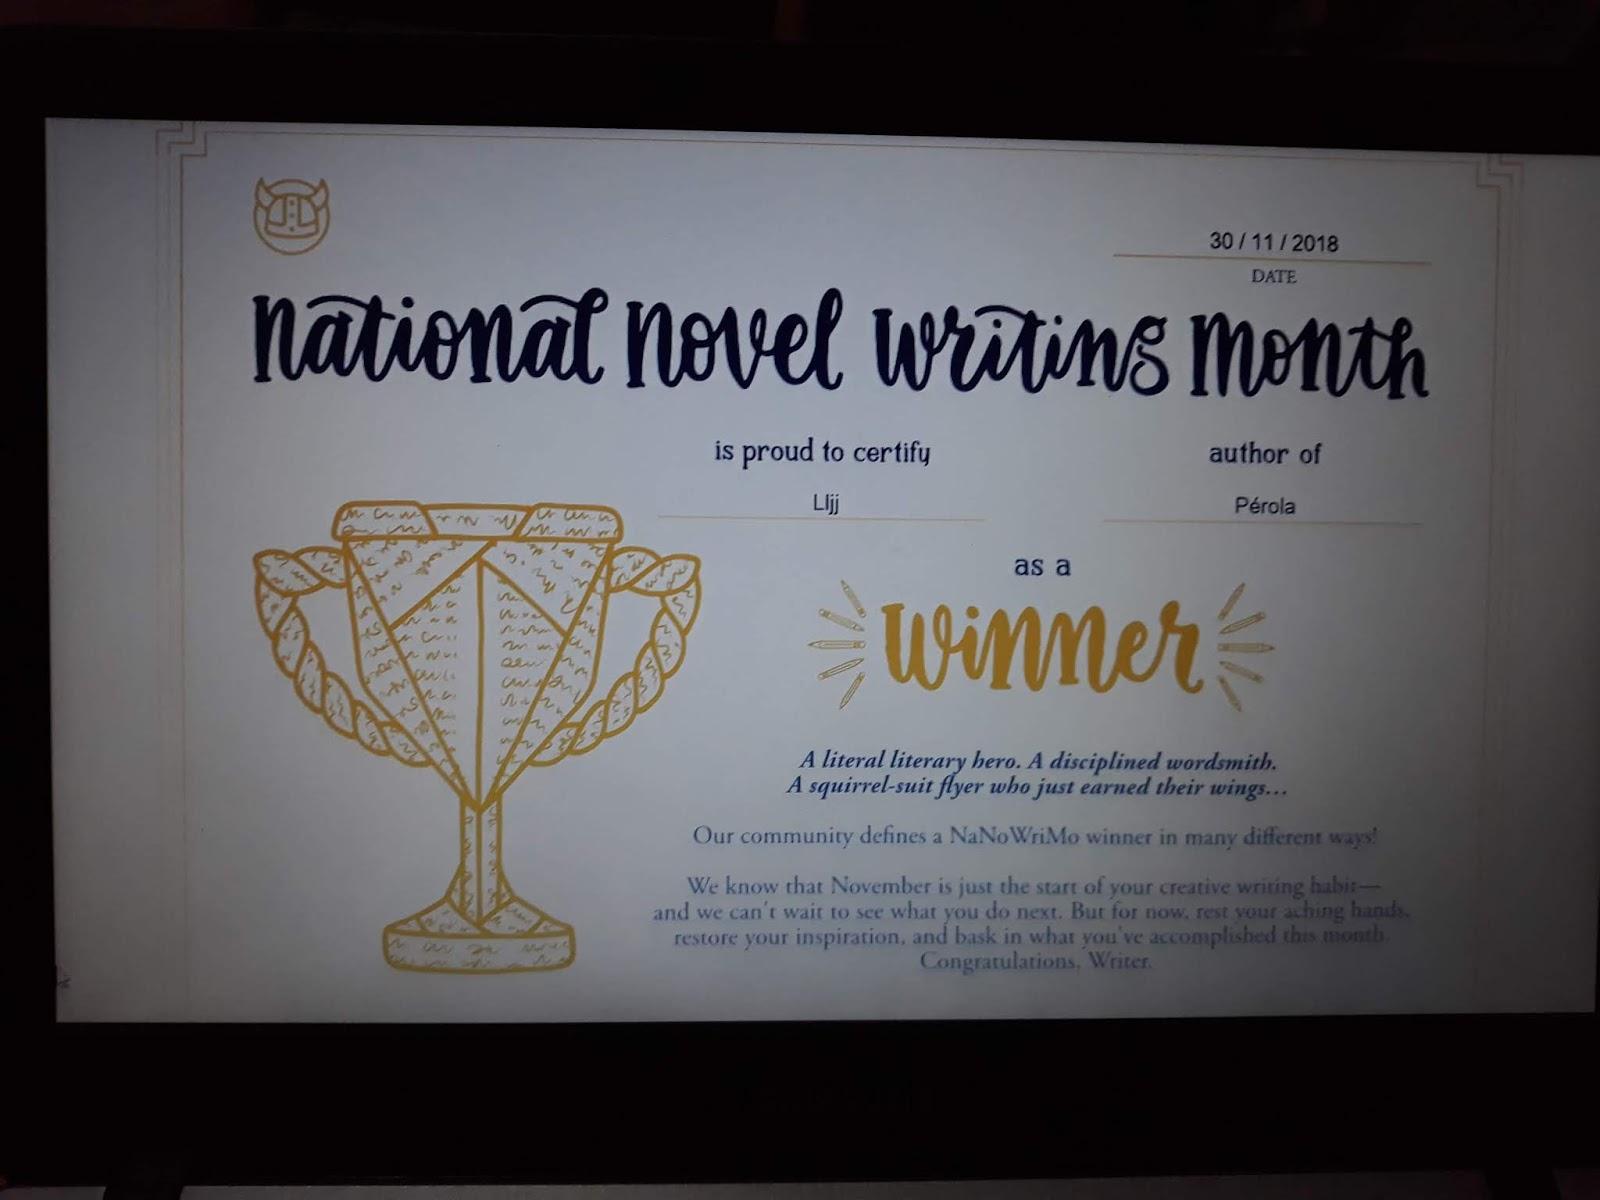 Certificado de vencedor do NaNoWriMo 2018